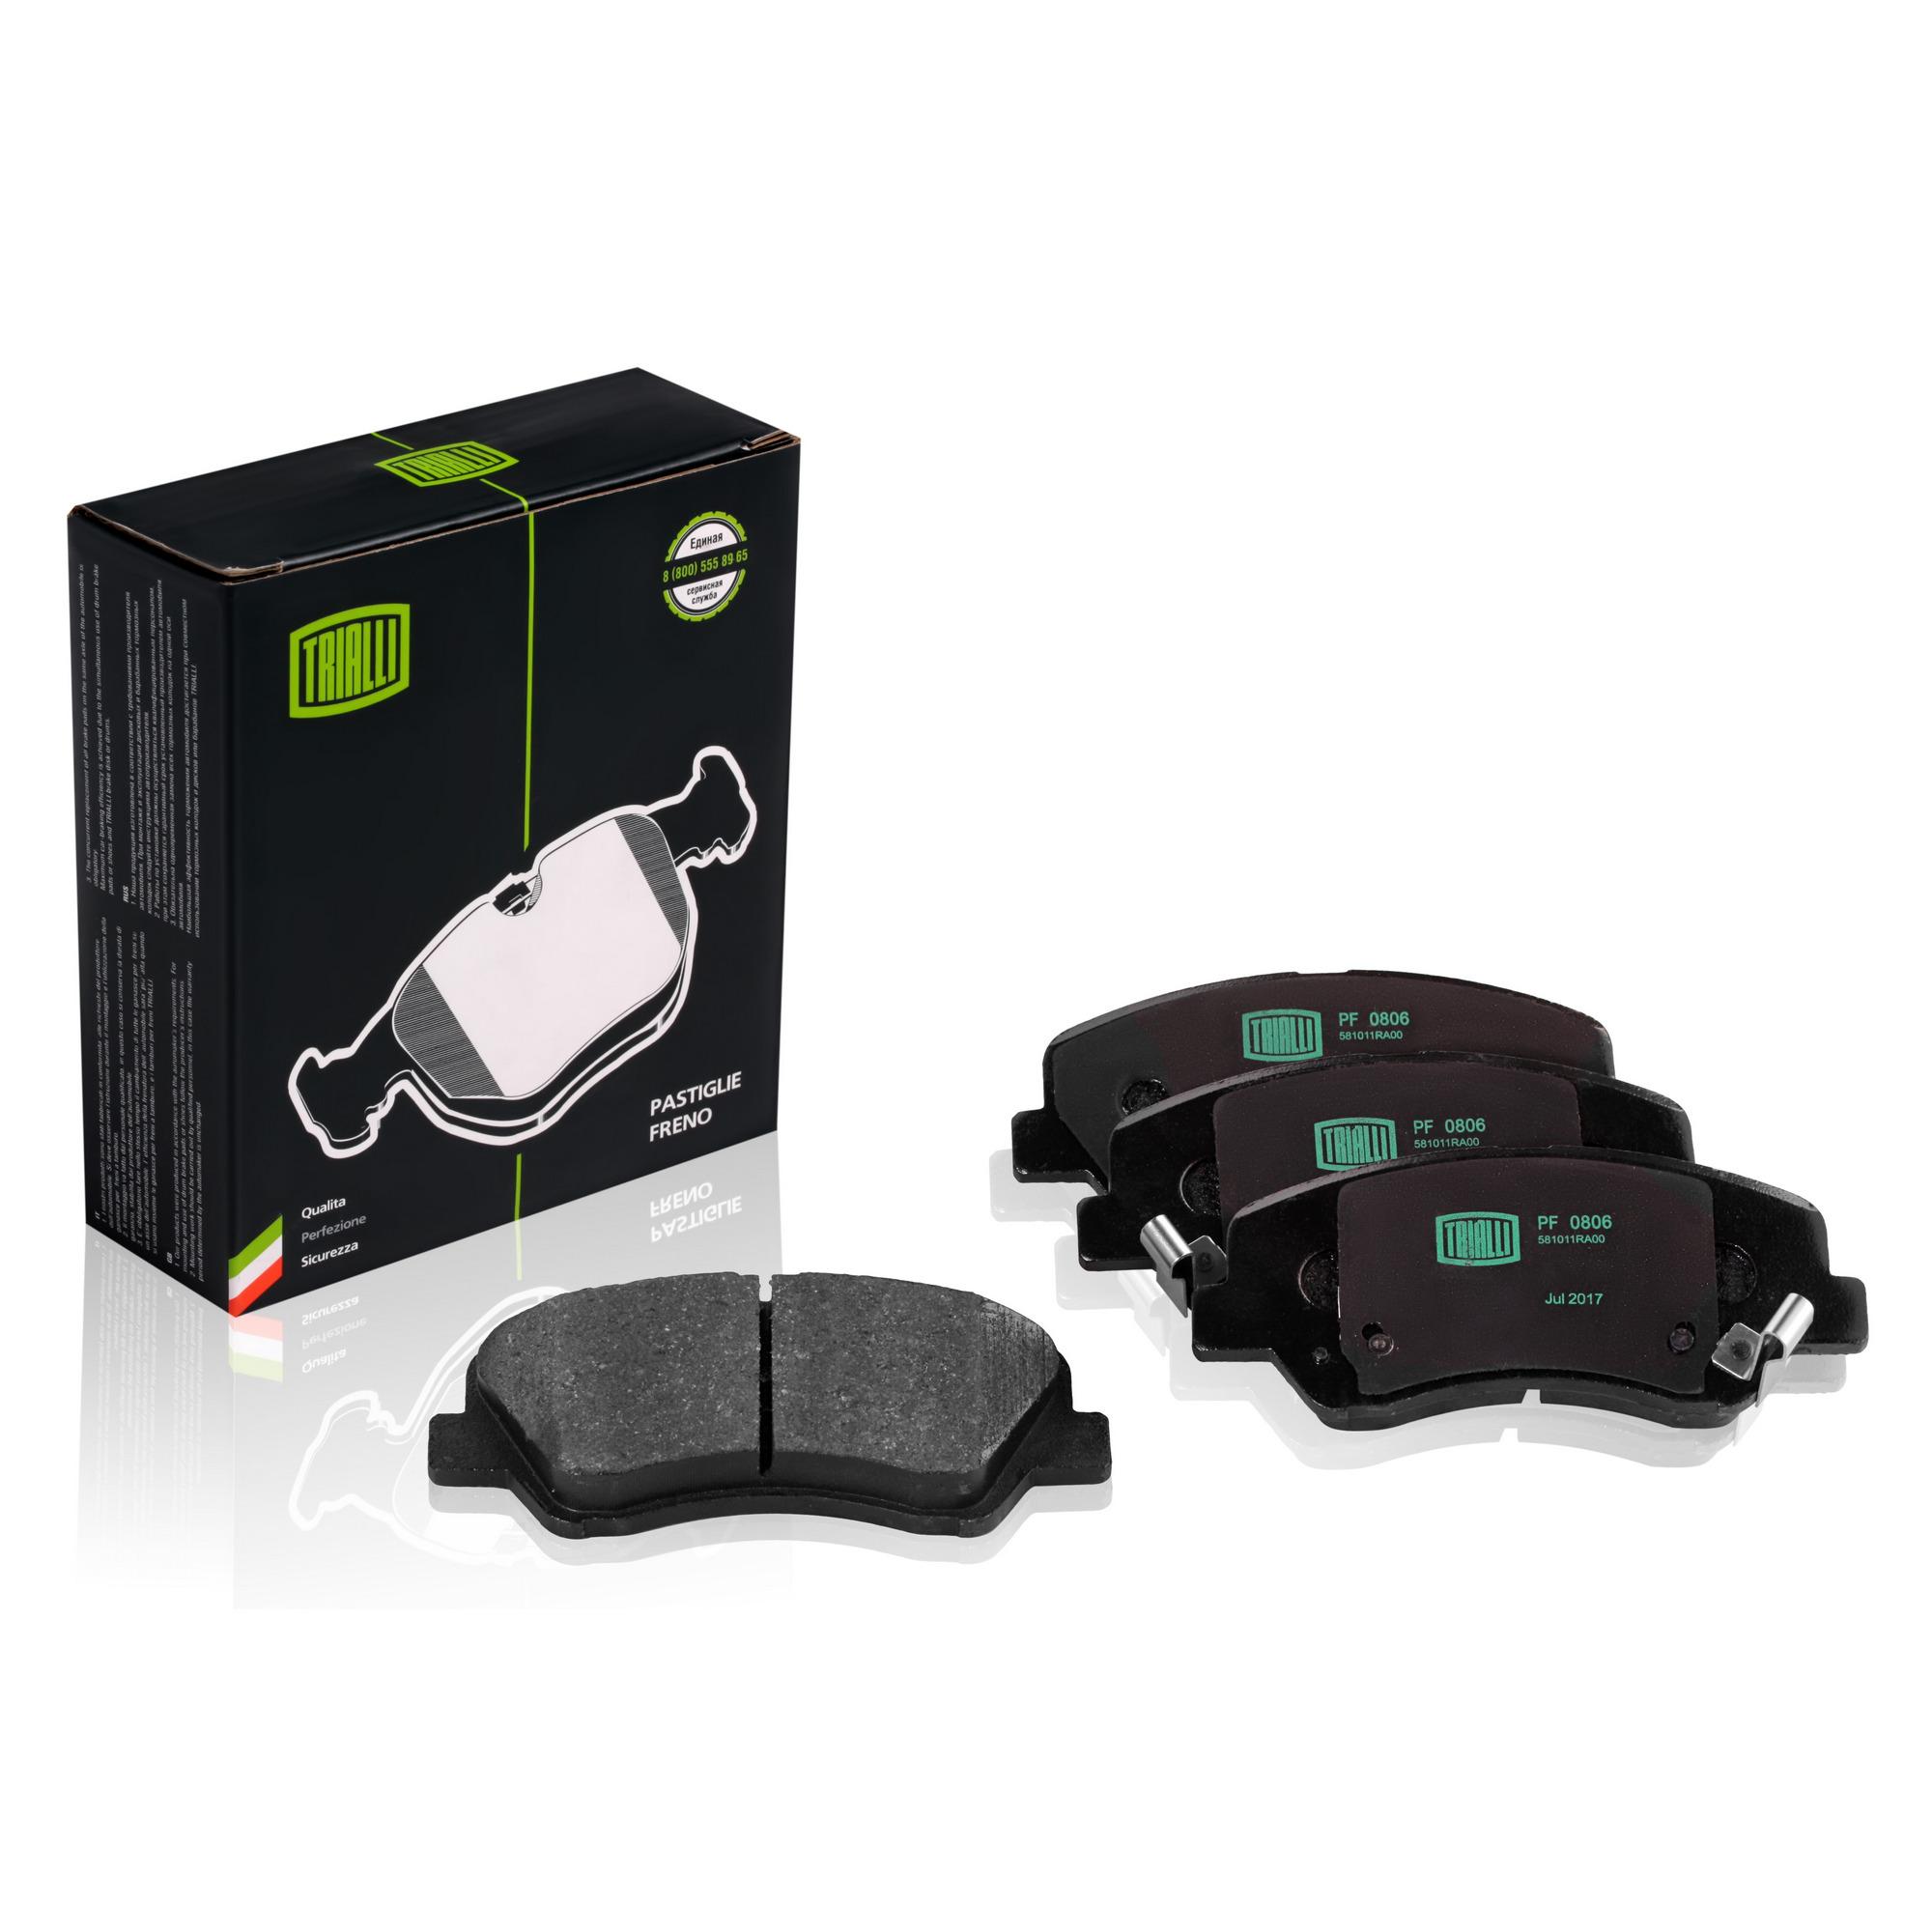 Колодки тормозные дисковые передние для автомобилей Hyundai Solaris (10-) TRIALLI фото